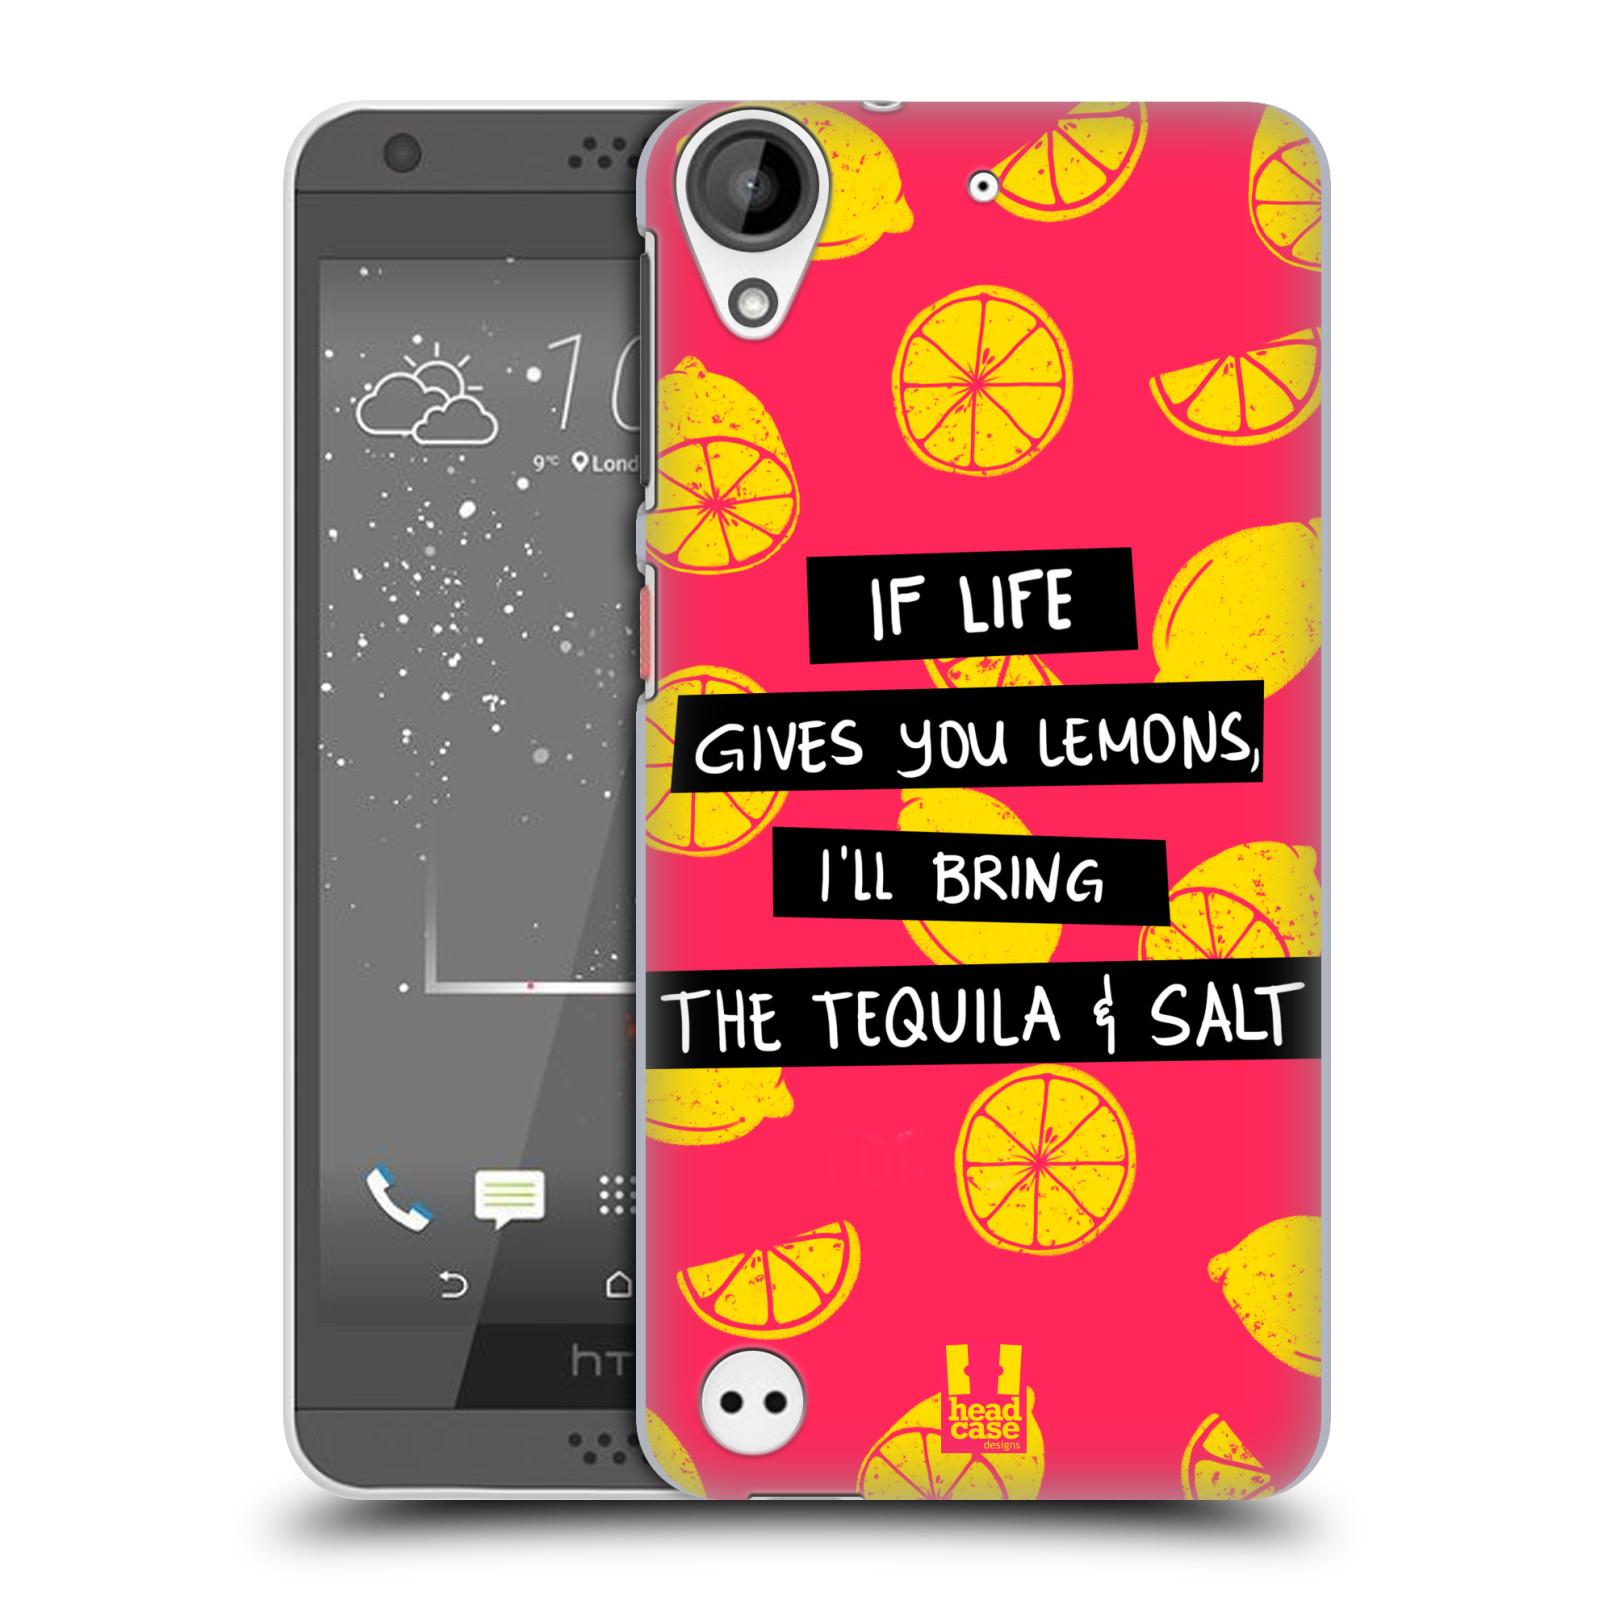 Diseños de la vida y limones HEAD CASE FUNDA RÍGIDA POSTERIOR PARA HTC DESIRE 530